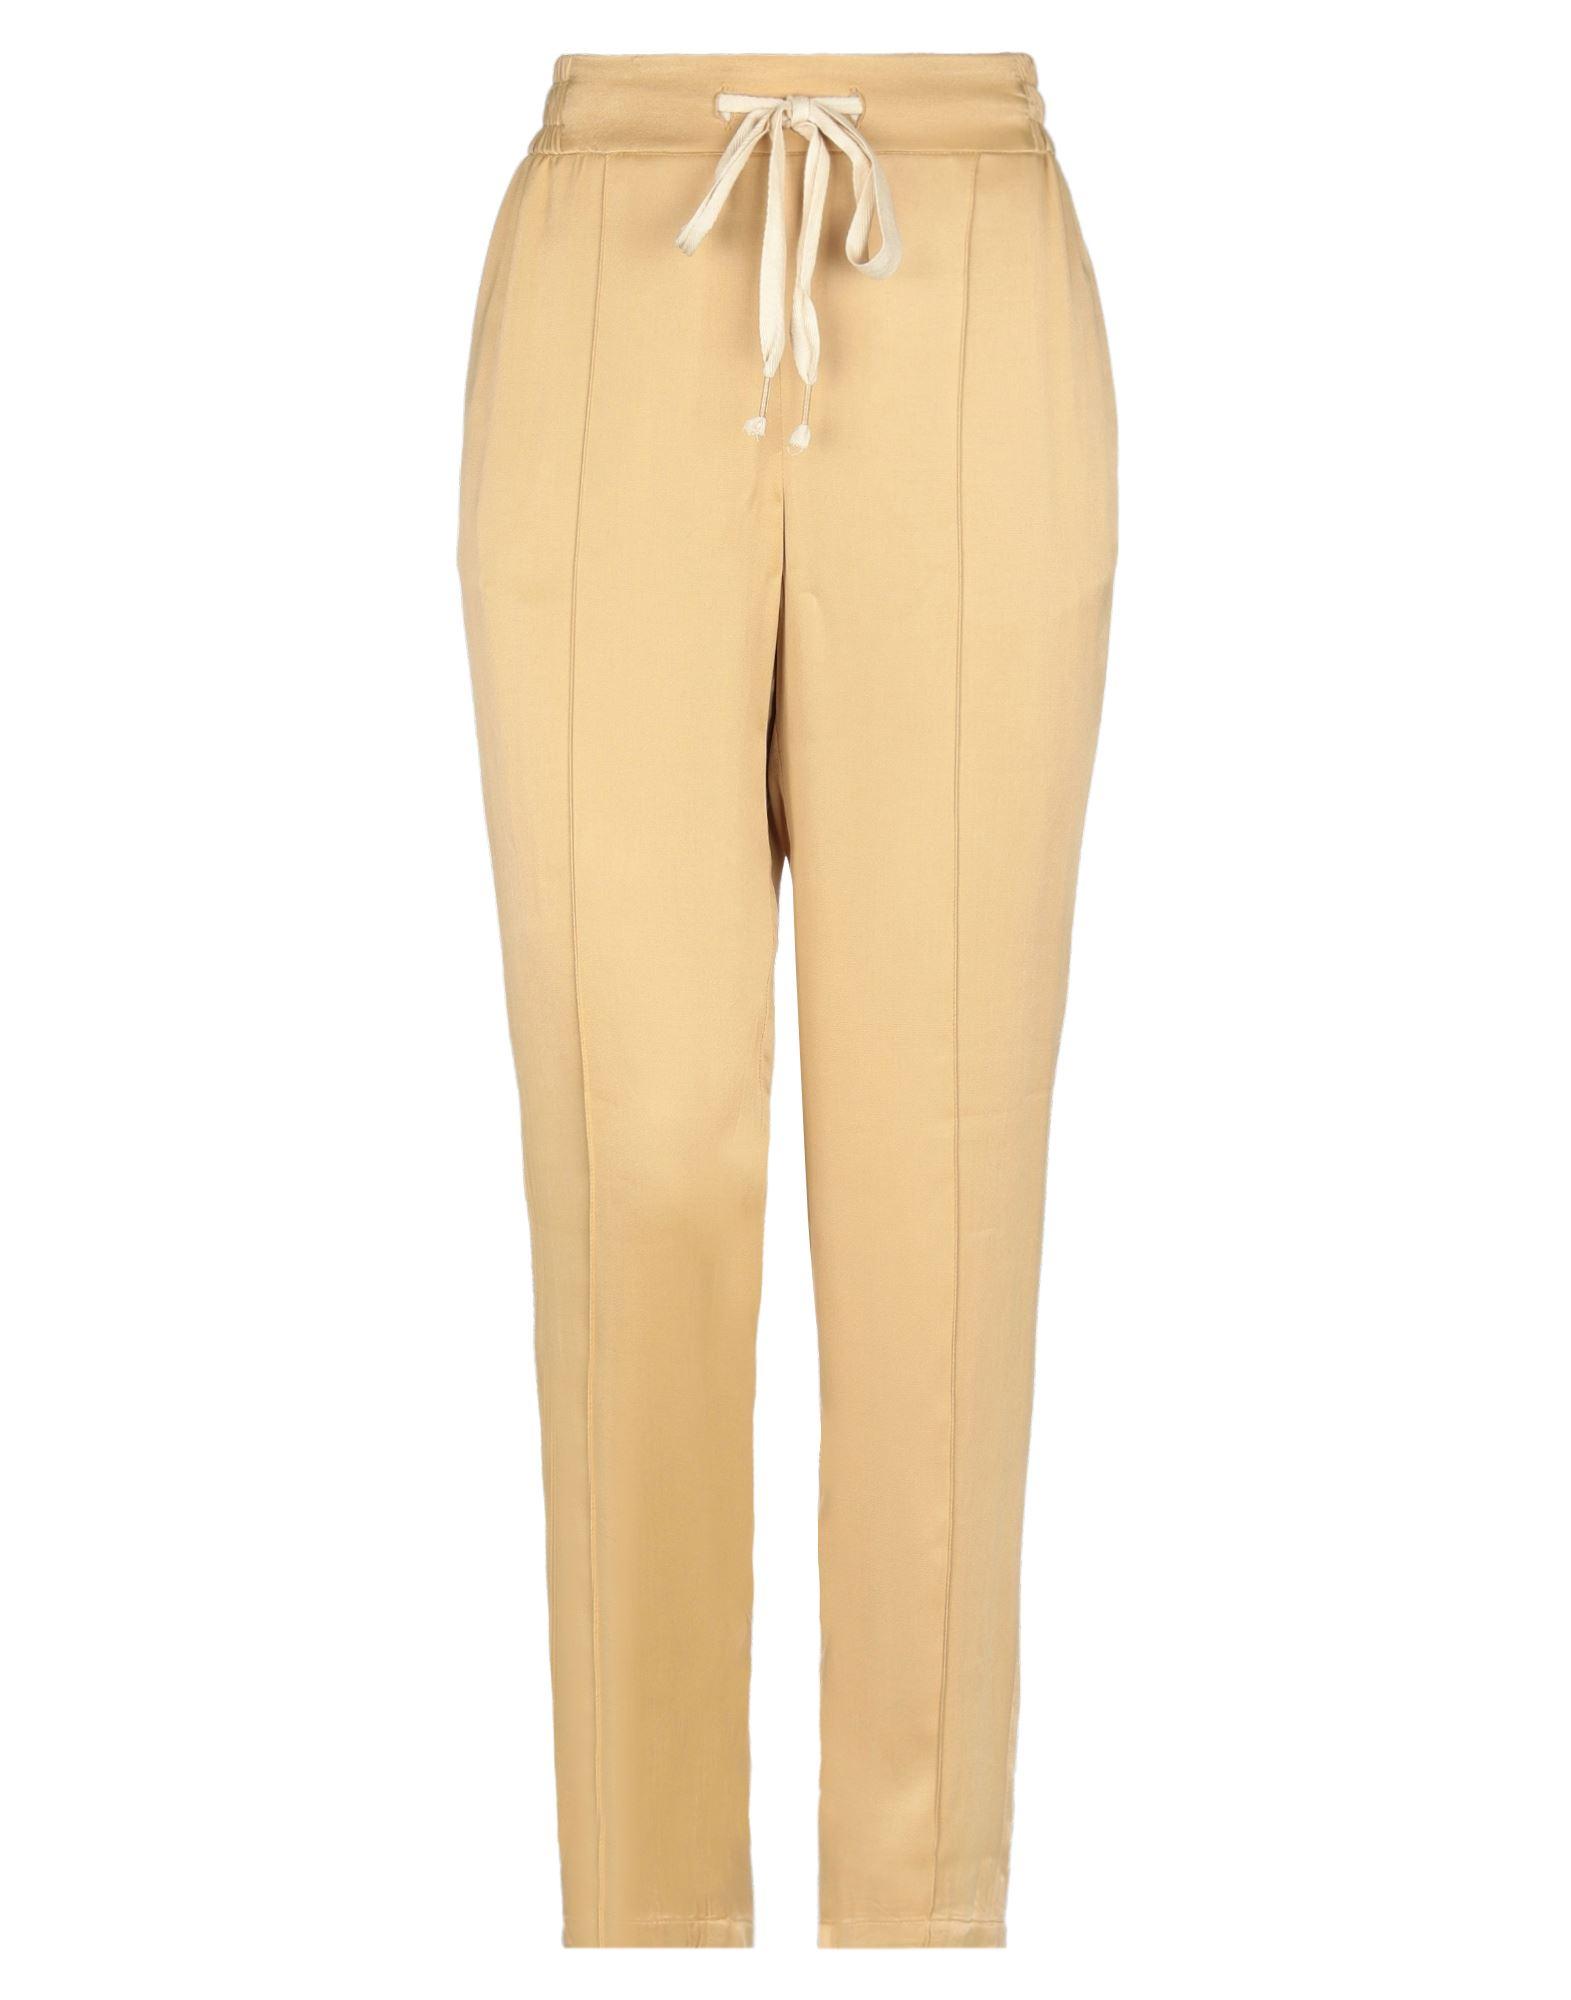 yaya повседневные шорты YAYA Повседневные брюки